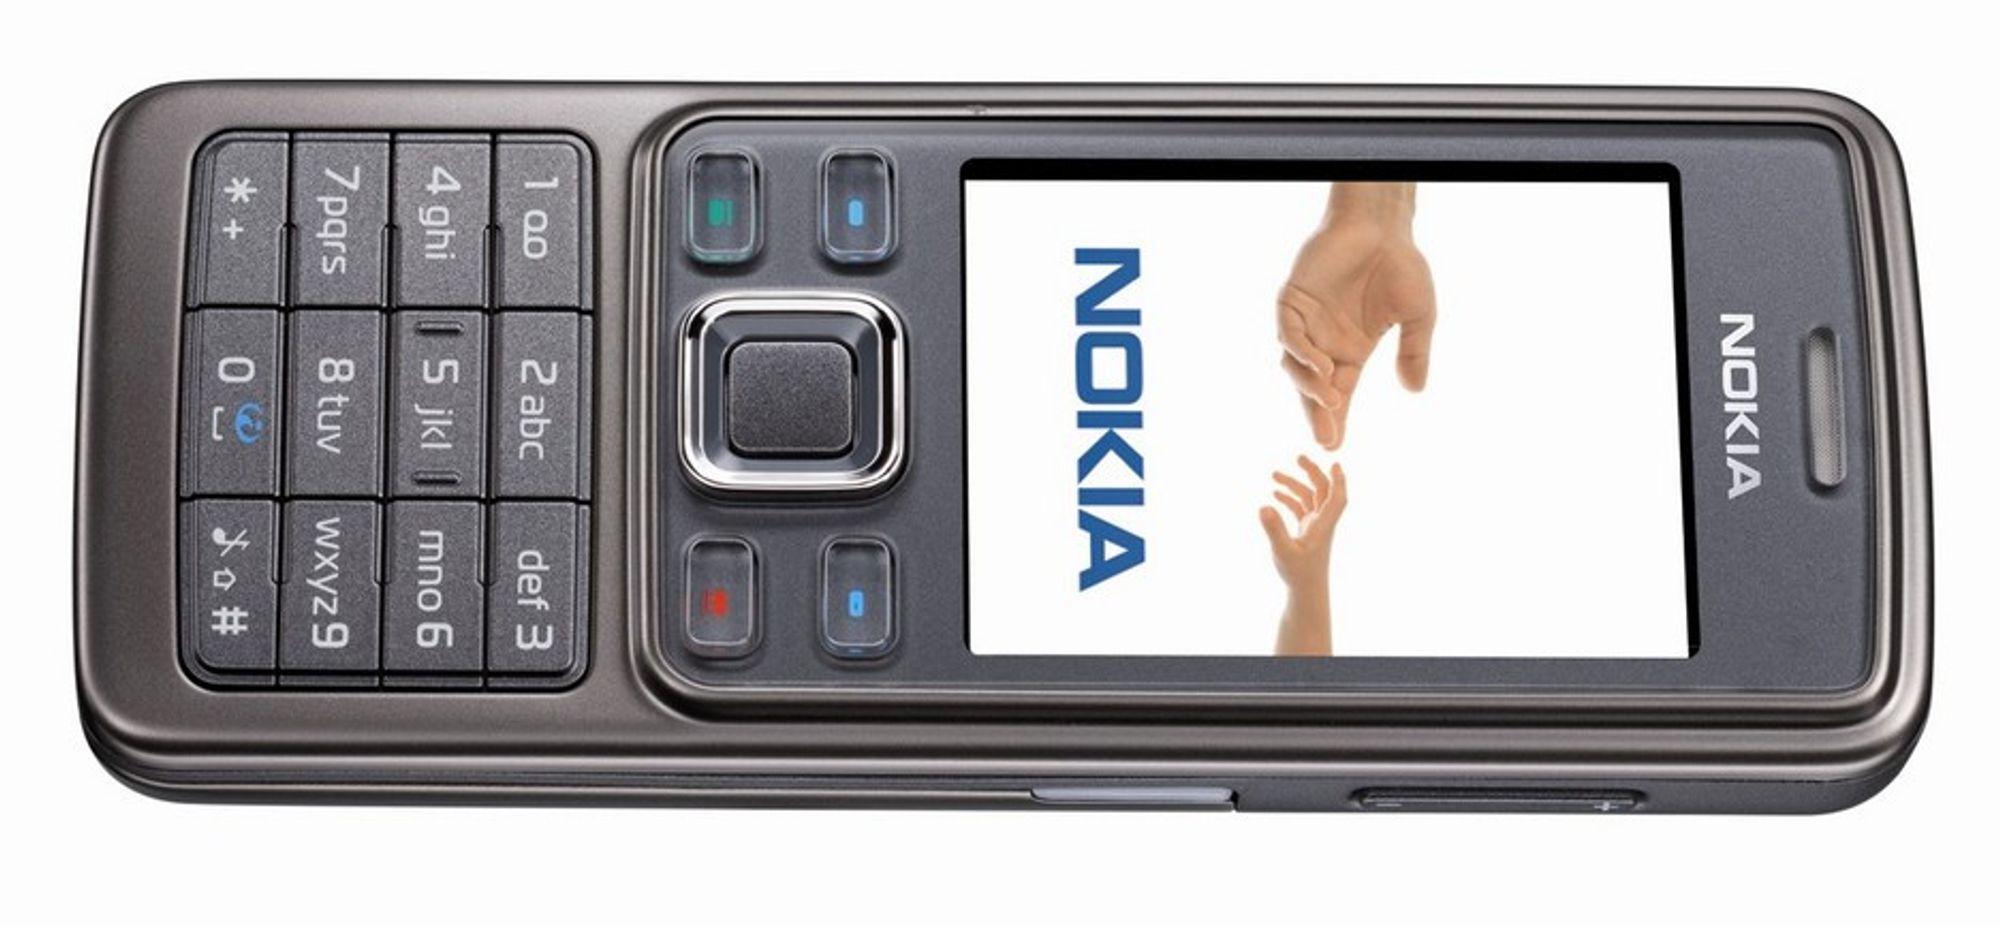 OGSÅ PÅ MOBILEN: Internett-telefoni (VoIP) gjør det mulig å foreta samtaler over Internett uten å være avhengig av en separat telefonlinje. Nå kan du gjøre det med mobilen på eksempelvis hjemmekontoret.